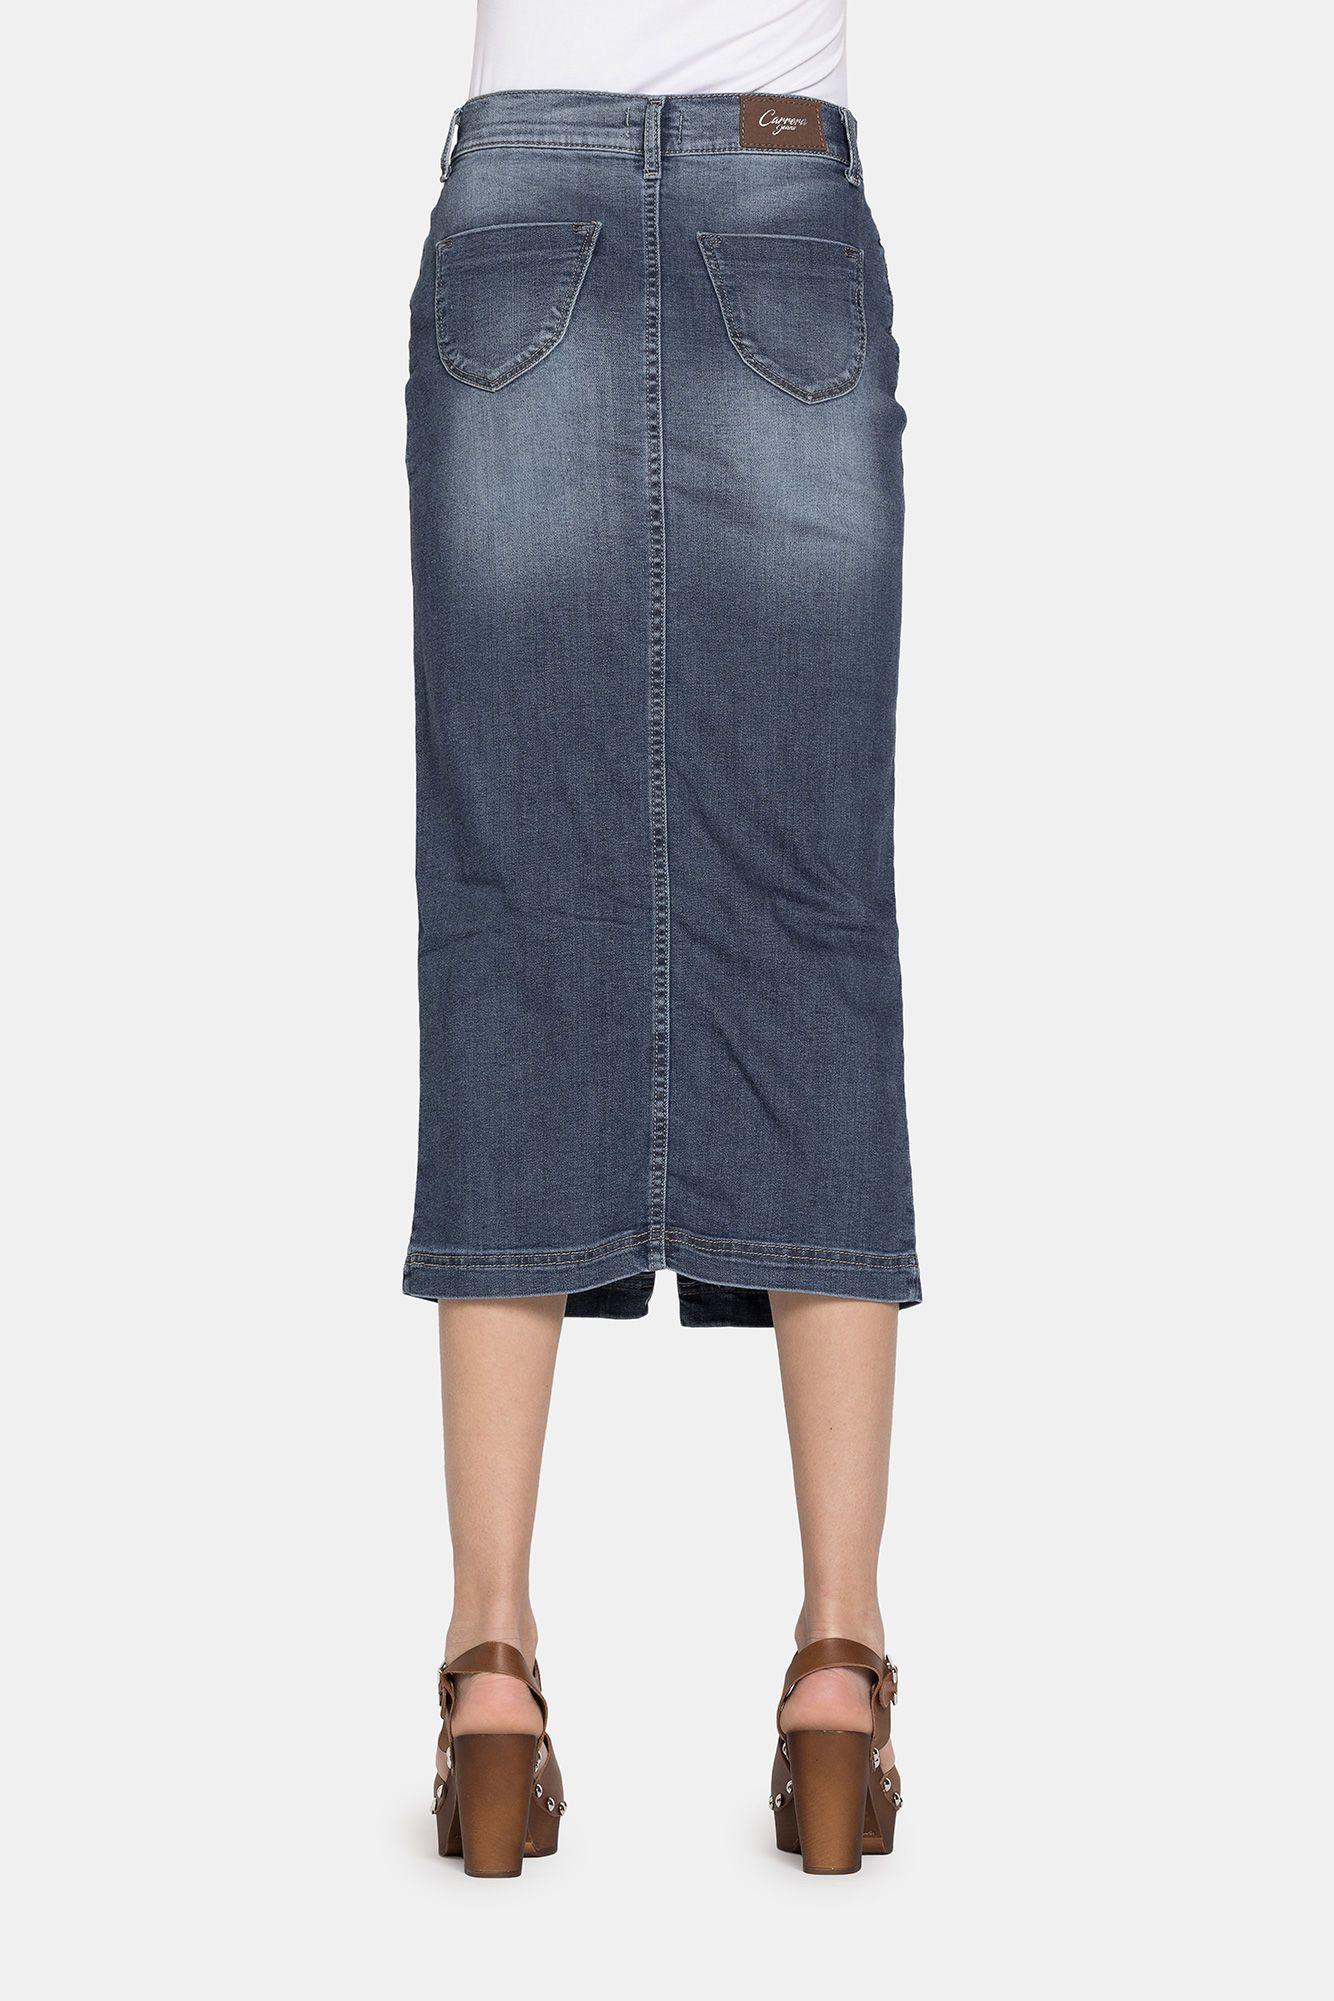 Carrera Jeans Gonna lunga in jeans super stretch Cod